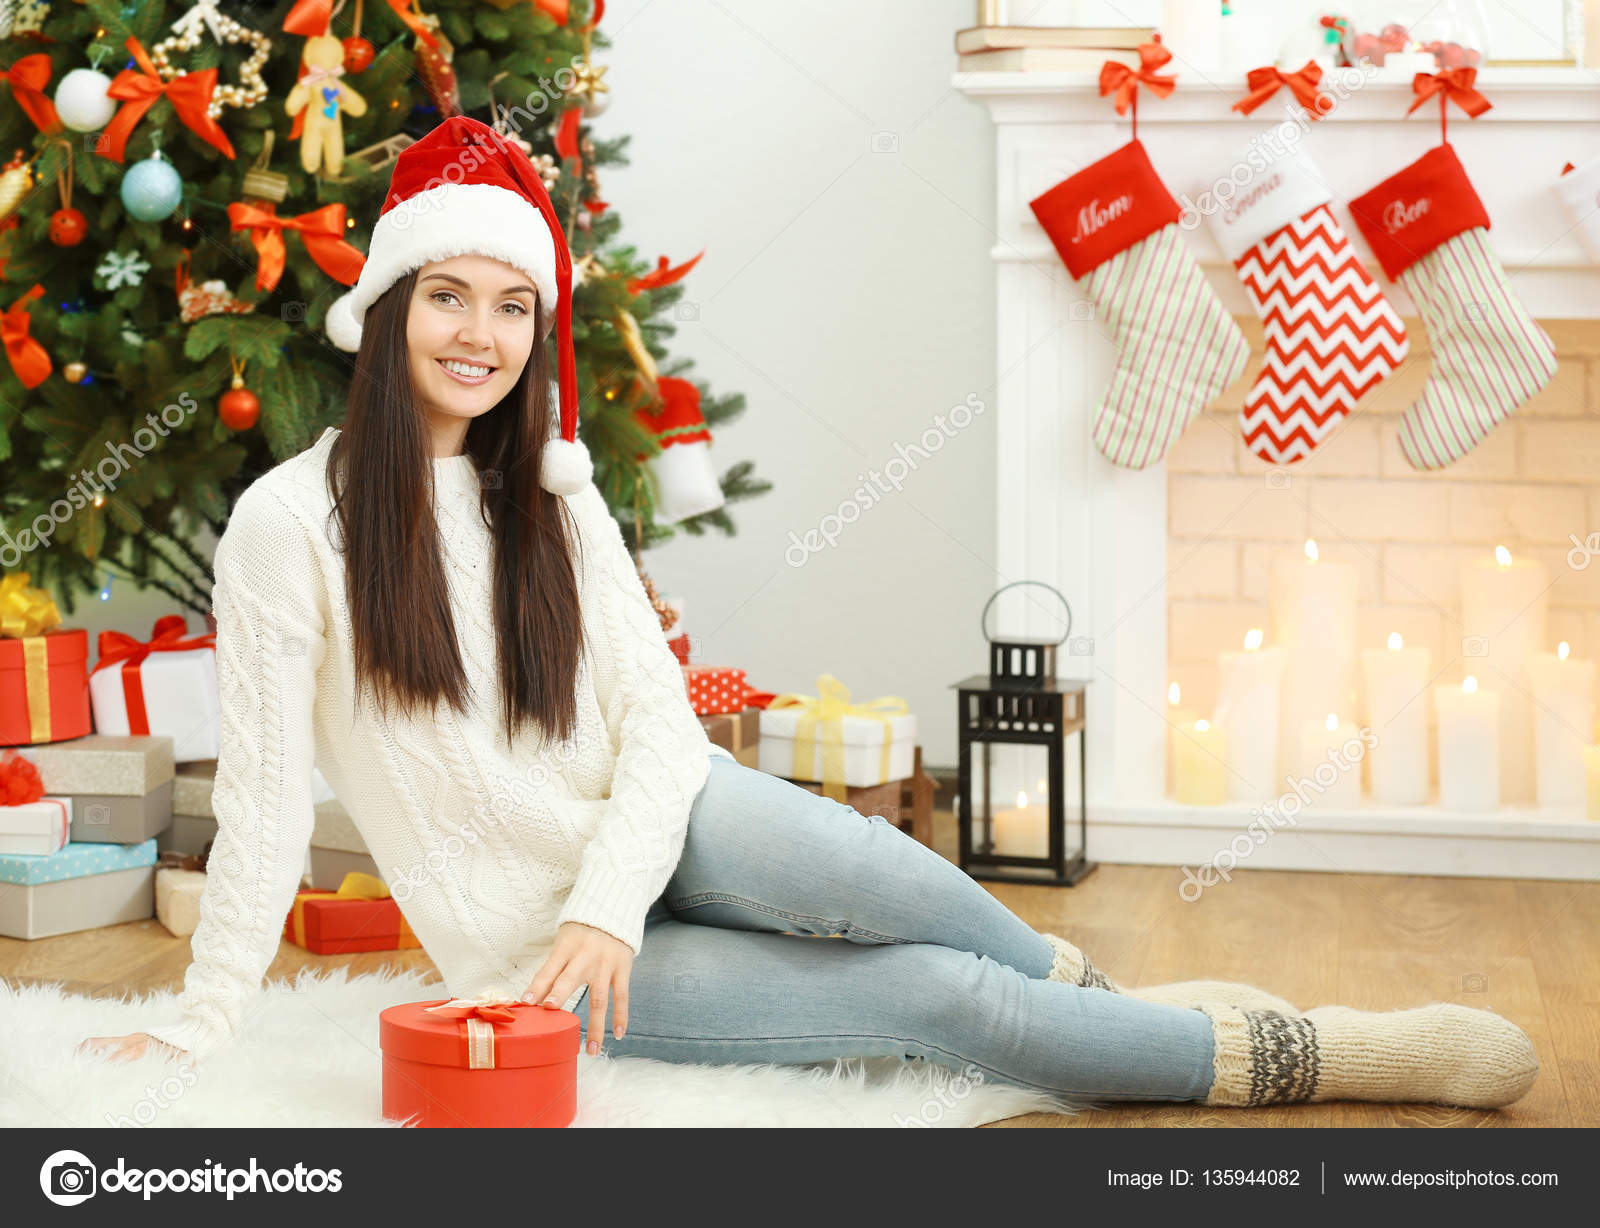 Schöne Junge Frau Sitzt Wohnzimmer Dekoriert Für Weihnachten ...